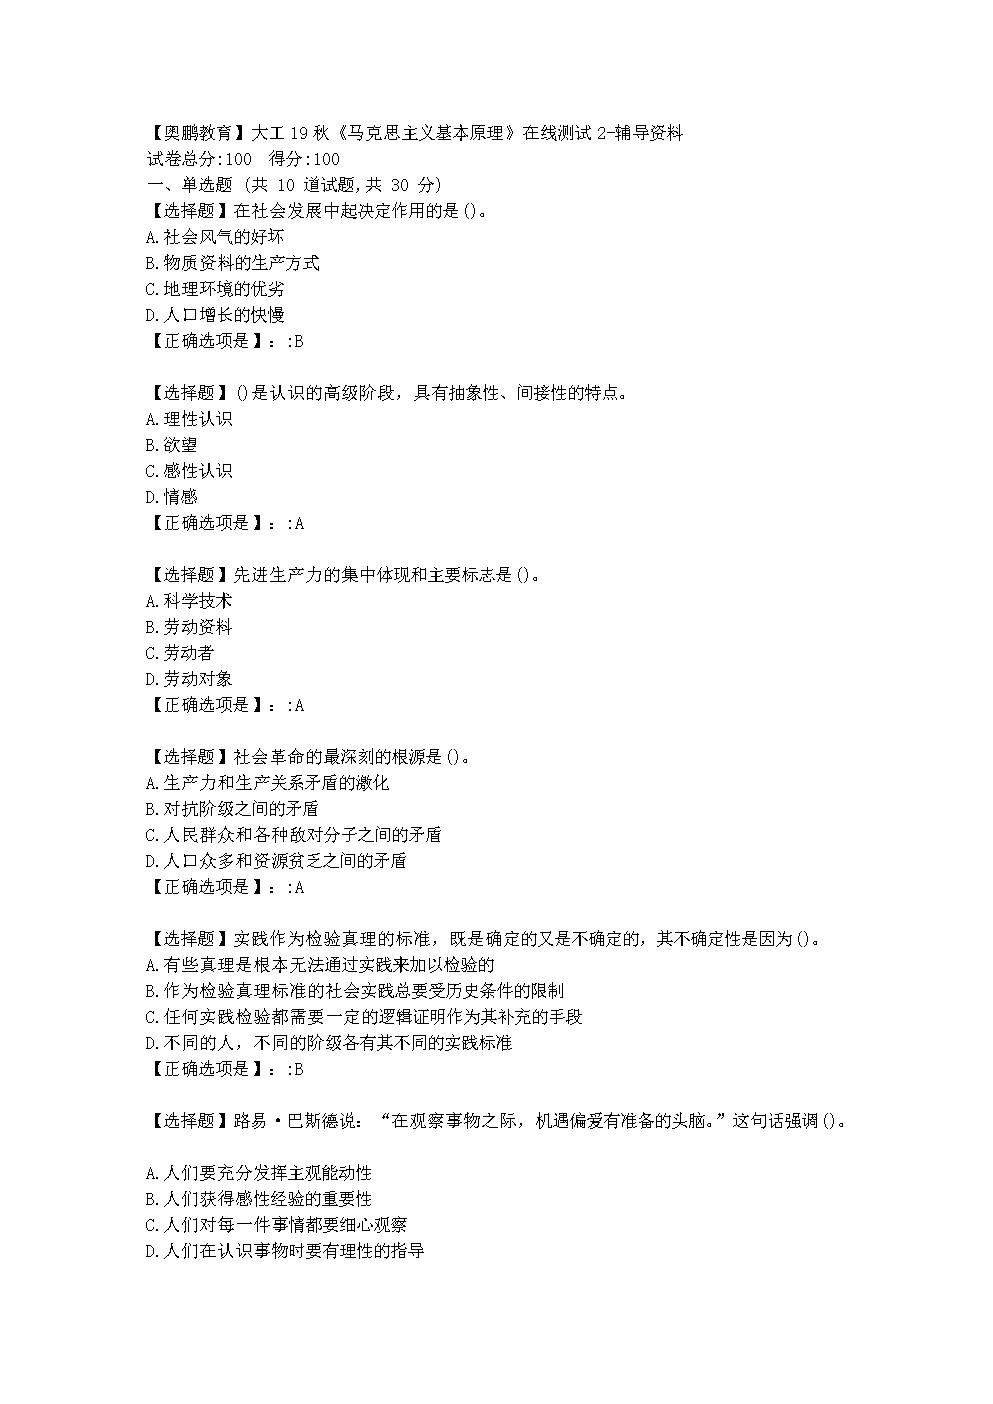 大连理工大学19秋《马克思主义基本原理》在线测试2学习资料.doc